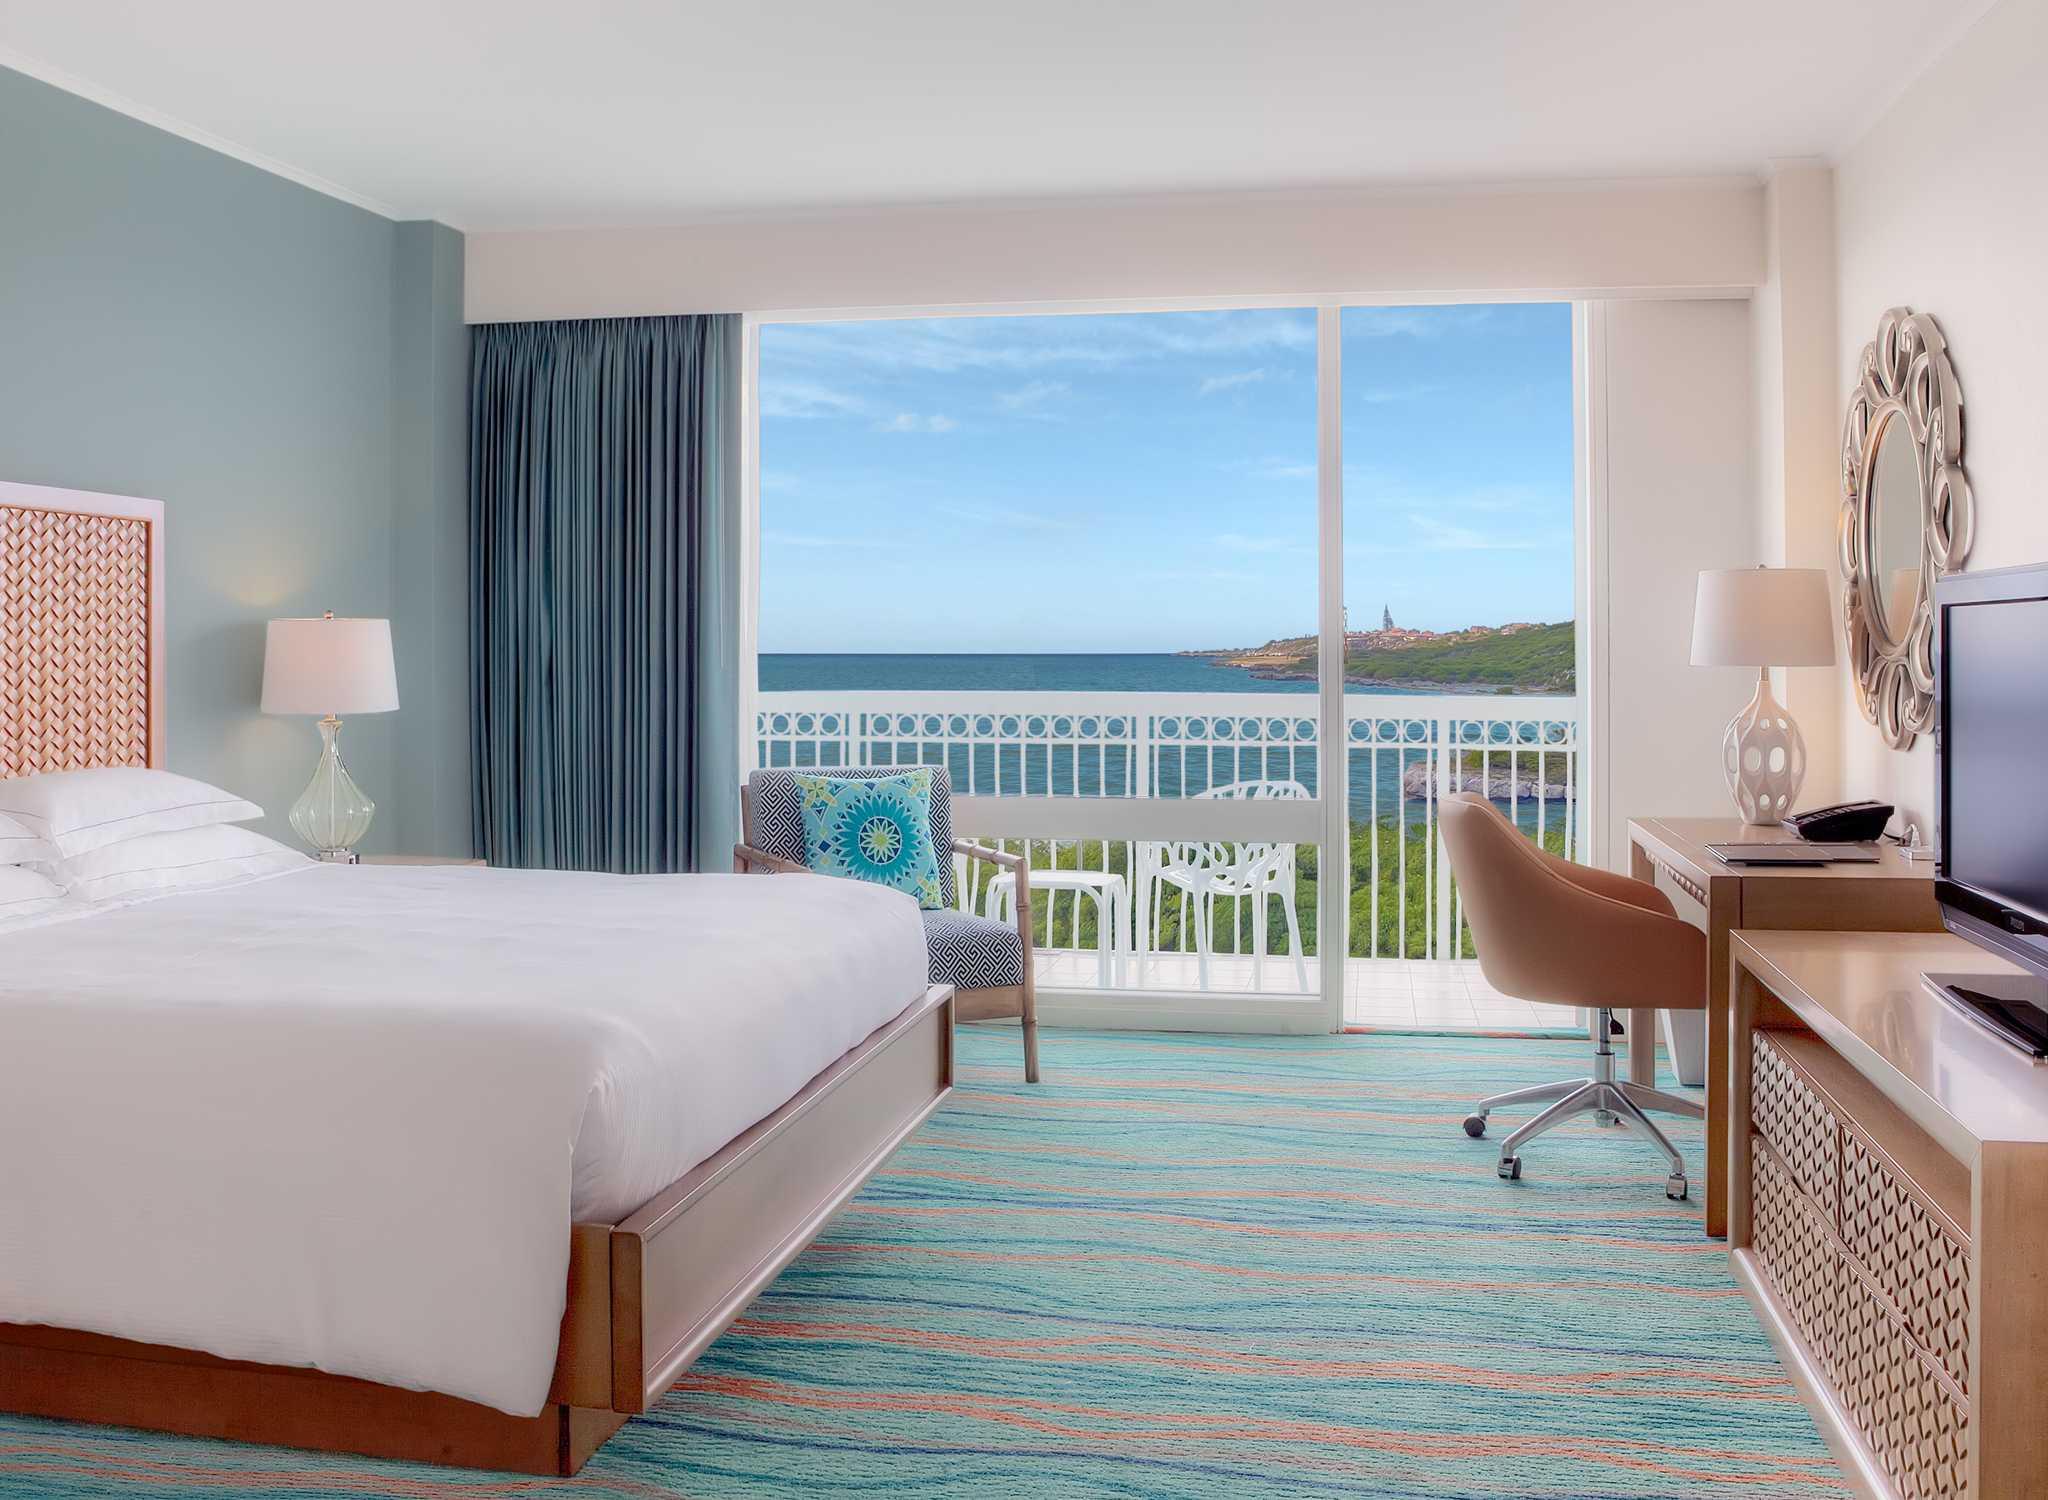 Hilton Curacao resort de playa en el Caribe